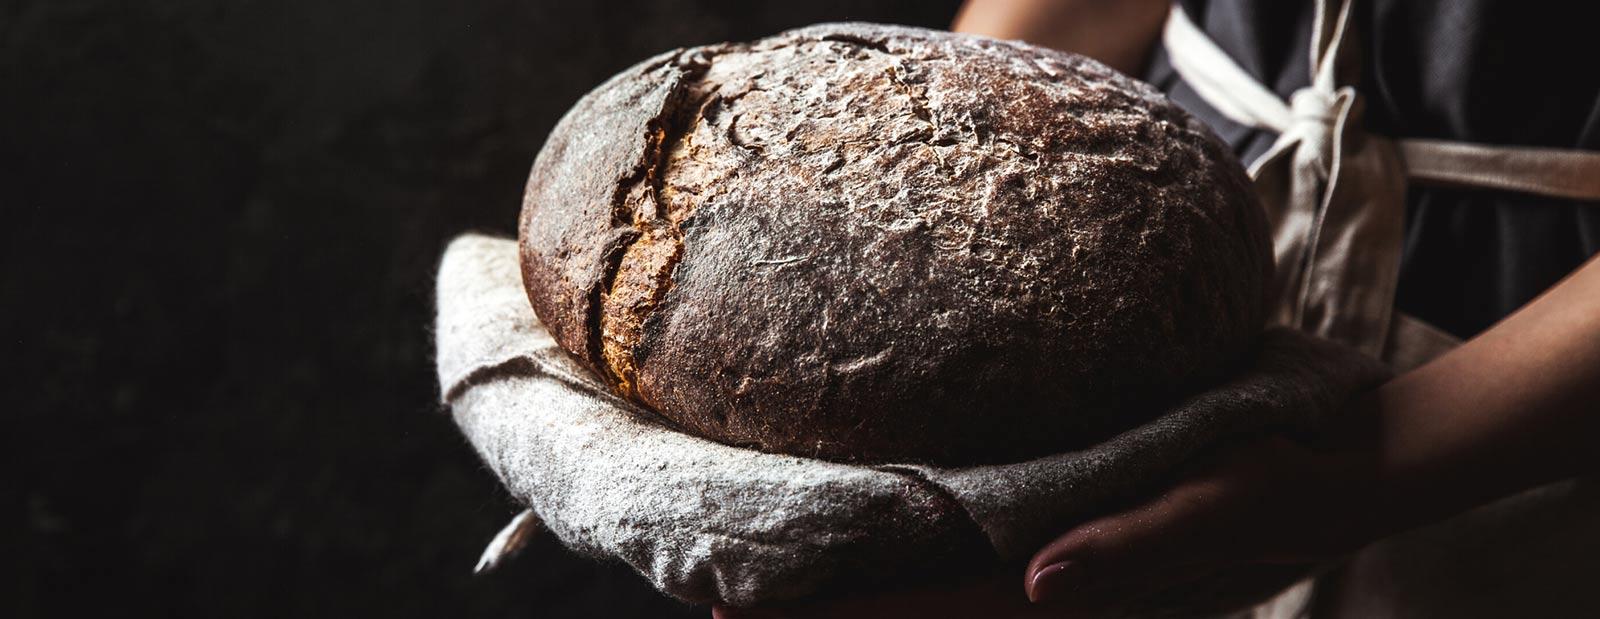 labelaure blog culinaire photographe culinaire food styliste culinaire ateliers cours cuisine zéro déchet réseautage green bon cadeau